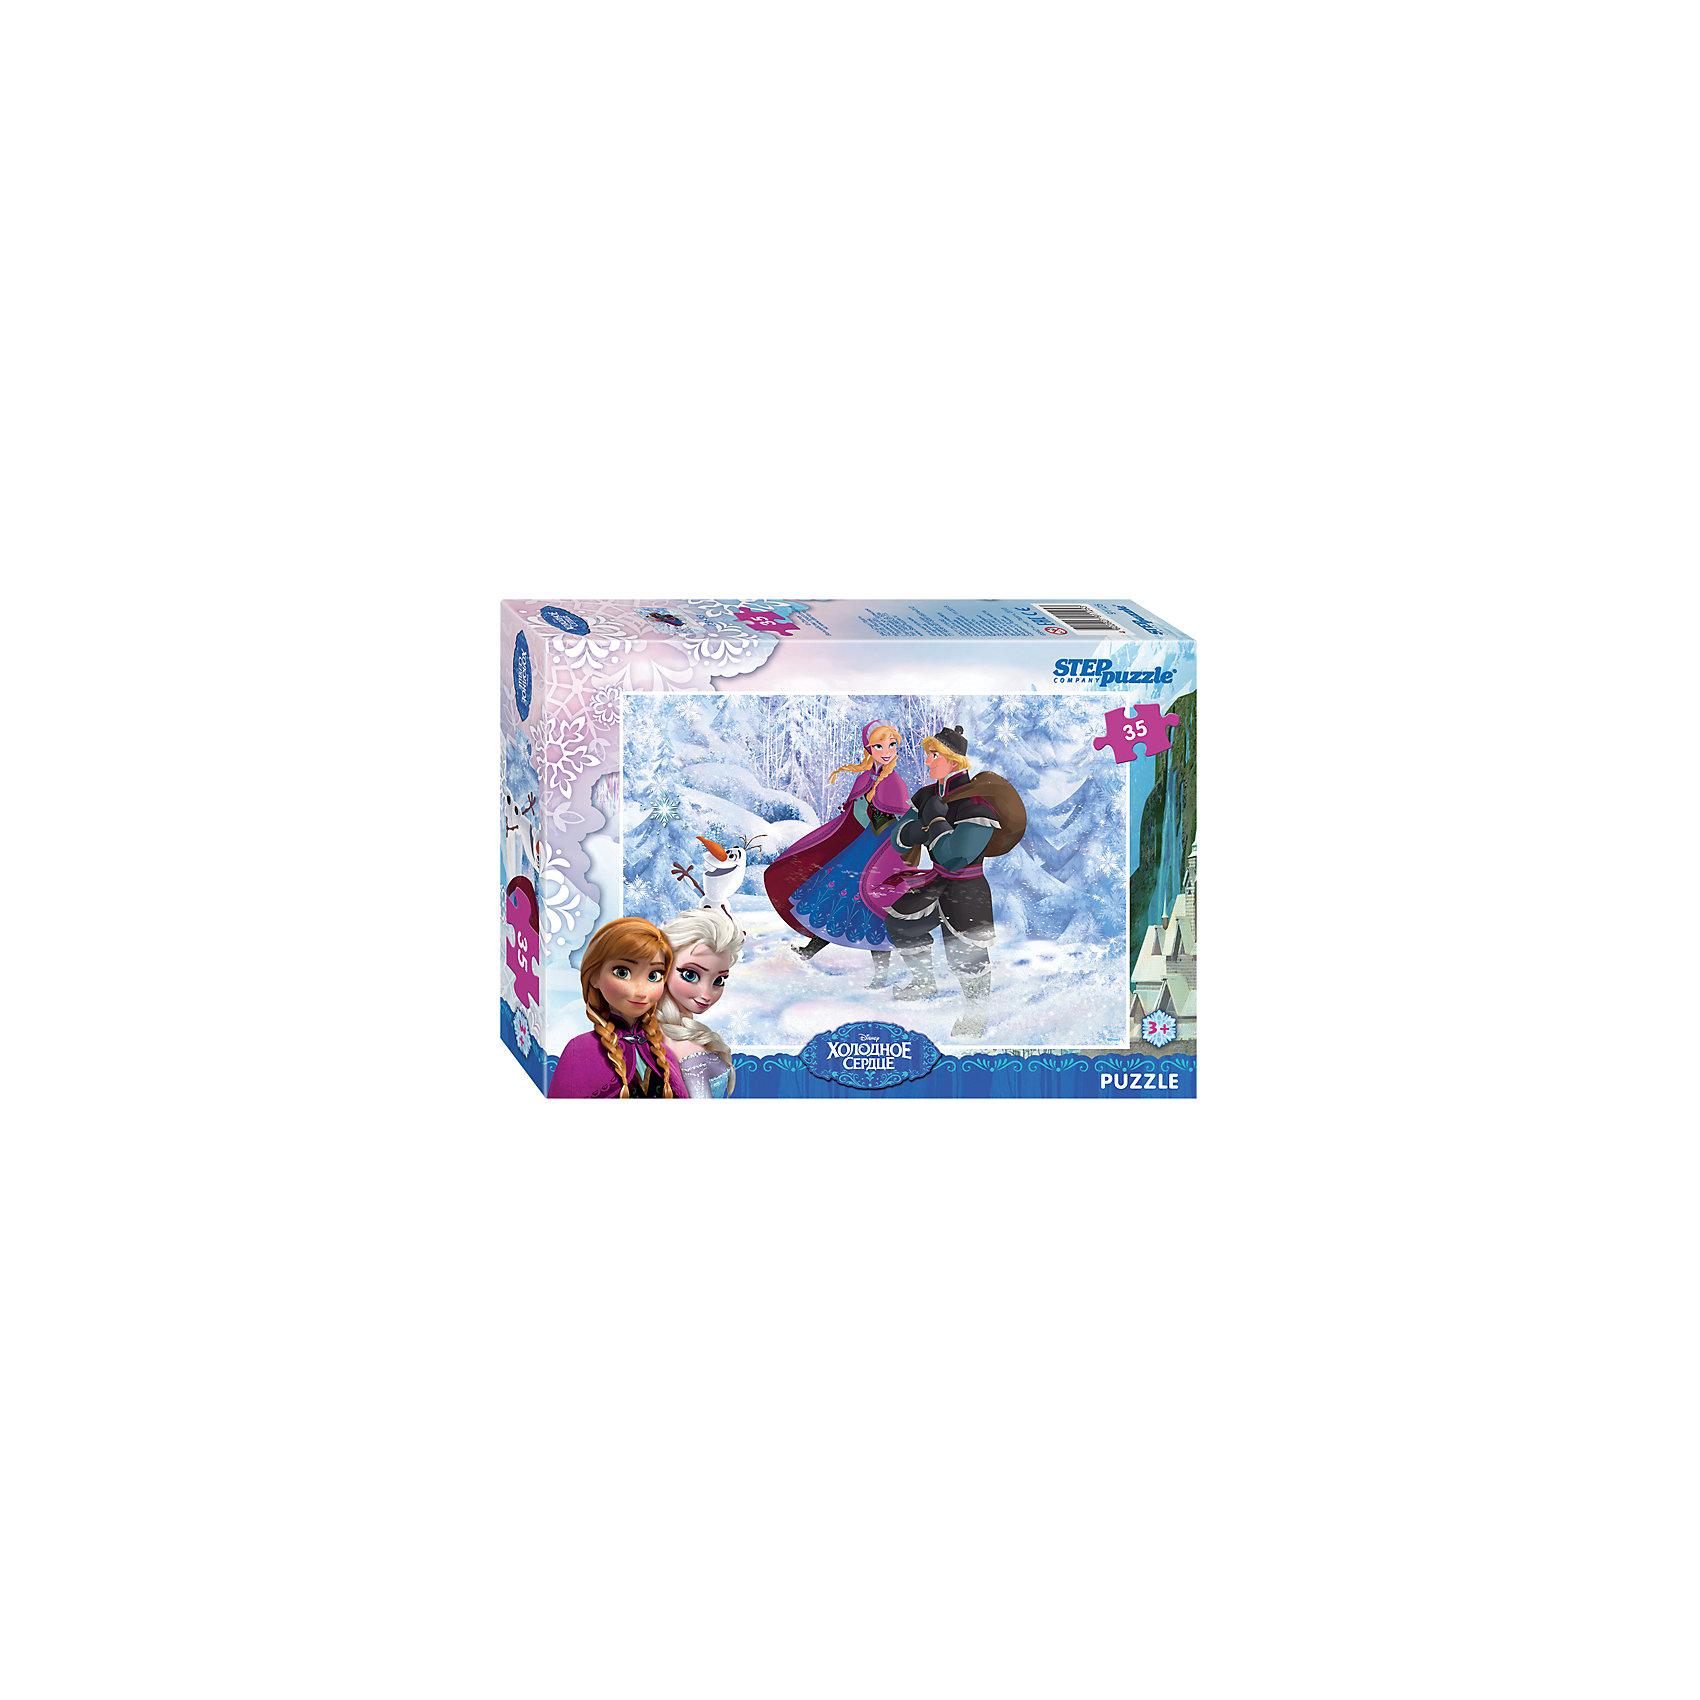 Пазл Холодное сердце, 35 деталей, Step PuzzleПазл Холодное сердце, 35 деталей, Step Puzzle (Степ Пазл) – это замечательный красочный пазл с изображением любимых героев.<br>Волшебный дар принцессы Эльзы погружает сказочное королевство Арендейл во власть вечной зимы. Снять ледяное проклятие может только ее родная сестра – принцесса Анна. Для этого она отправляется в горы, где скрывается Эльза. По пути Анна встречает отважного Кристоффера и его верного оленя Олафа. Вместе им предстоит пережить множество опасных приключений и невероятных встреч, чтобы спасти королевство. Подарите ребенку чудесный пазл Холодное сердце, и он будет увлеченно подбирать детали, пока не составит яркую и интересную картинку, на которой изображены любимые герои мультфильма. Сборка пазла Холодное сердце от Step Puzzle (Степ Пазл) подарит Вашему ребенку не только множество увлекательных вечеров, но и принесет пользу для развития. Координация, моторика, внимательность легко тренируются, пока ребенок увлеченно подбирает детали. Качественные фрагменты пазла отлично проклеены и идеально подходят один к другому, поэтому сборка пазла обеспечит малышу только положительные эмоции. Вы будете использовать этот пазл не один год, ведь благодаря качественной нарезке детали не расслаиваются даже после многократного использования.<br><br>Дополнительная информация:<br><br>- Количество деталей: 35<br>- Материал: картон<br>- Размер собранной картинки: 33х23 см.<br>- Отличная проклейка<br>- Долгий срок службы<br>- Детали идеально подходят друг другу<br>- Яркий сюжет<br>- Упаковка: картонная коробка<br>- Размер упаковки: 195x35x140 мм.<br>- Вес: 200 гр.<br><br>Пазл Холодное сердце, 35 деталей, Step Puzzle (Степ Пазл) можно купить в нашем интернет-магазине.<br><br>Ширина мм: 195<br>Глубина мм: 35<br>Высота мм: 140<br>Вес г: 200<br>Возраст от месяцев: 36<br>Возраст до месяцев: 84<br>Пол: Унисекс<br>Возраст: Детский<br>Количество деталей: 35<br>SKU: 4588292